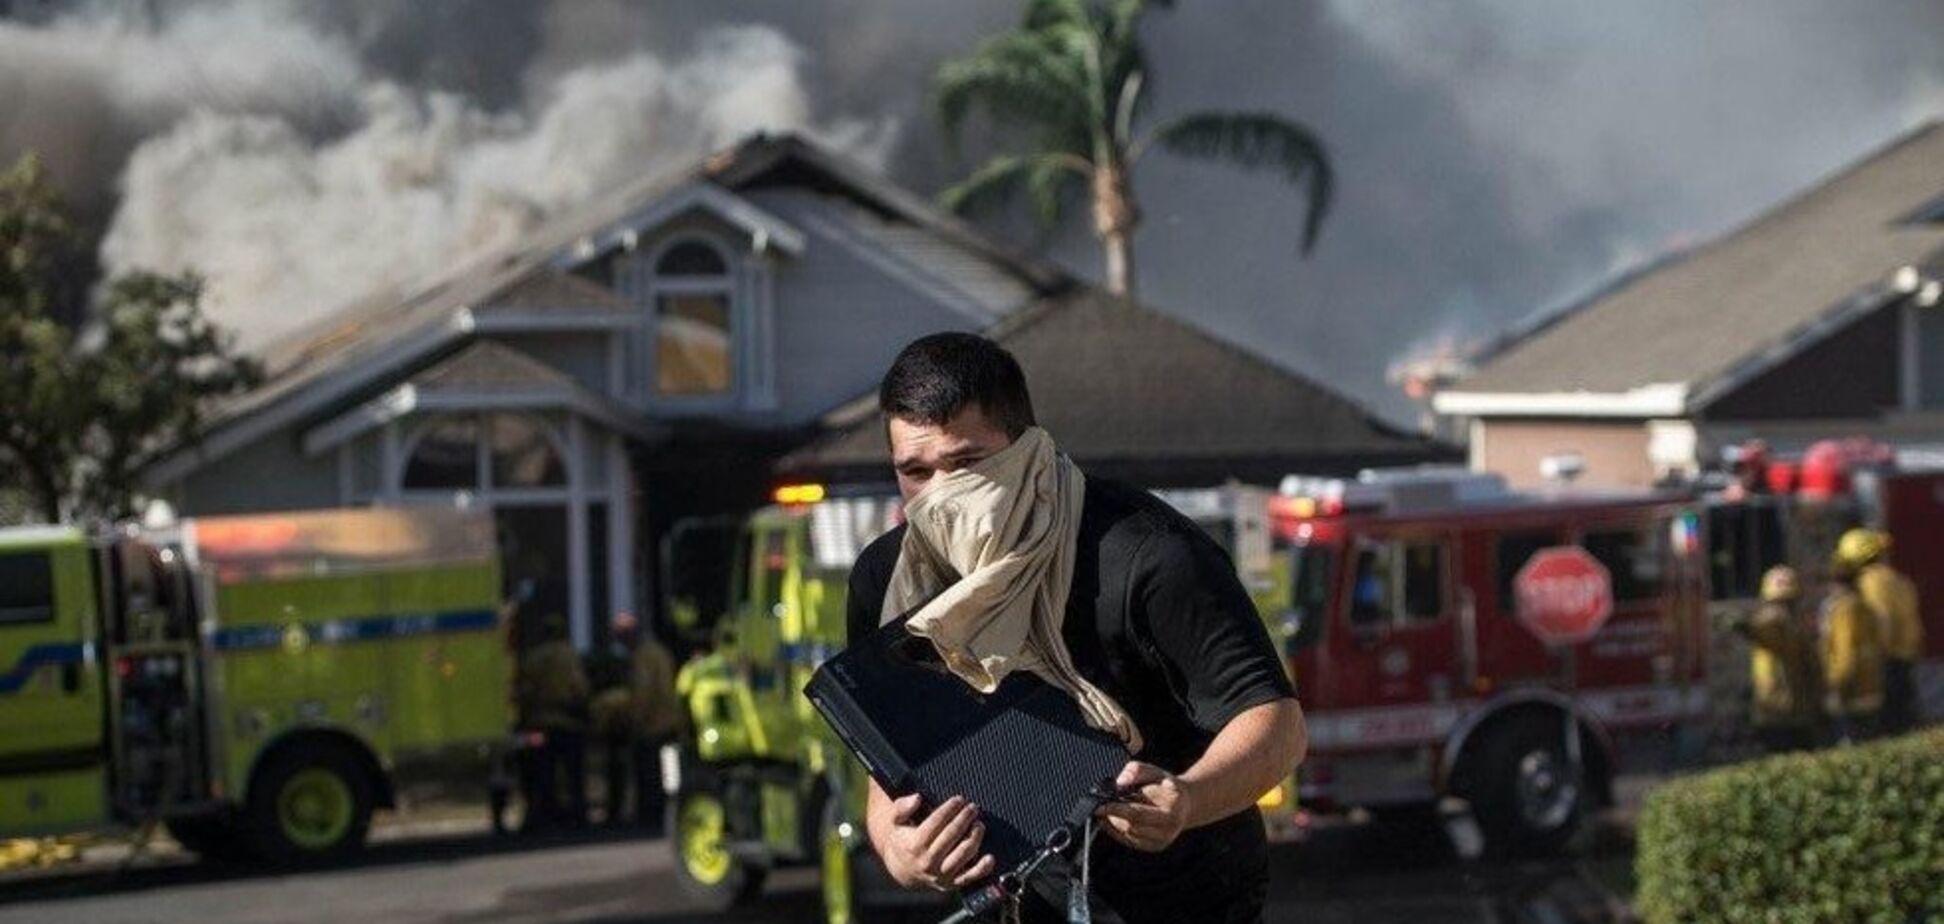 'Абсурдное' фото со спасателем игровой приставки из пожара стало хитом сети